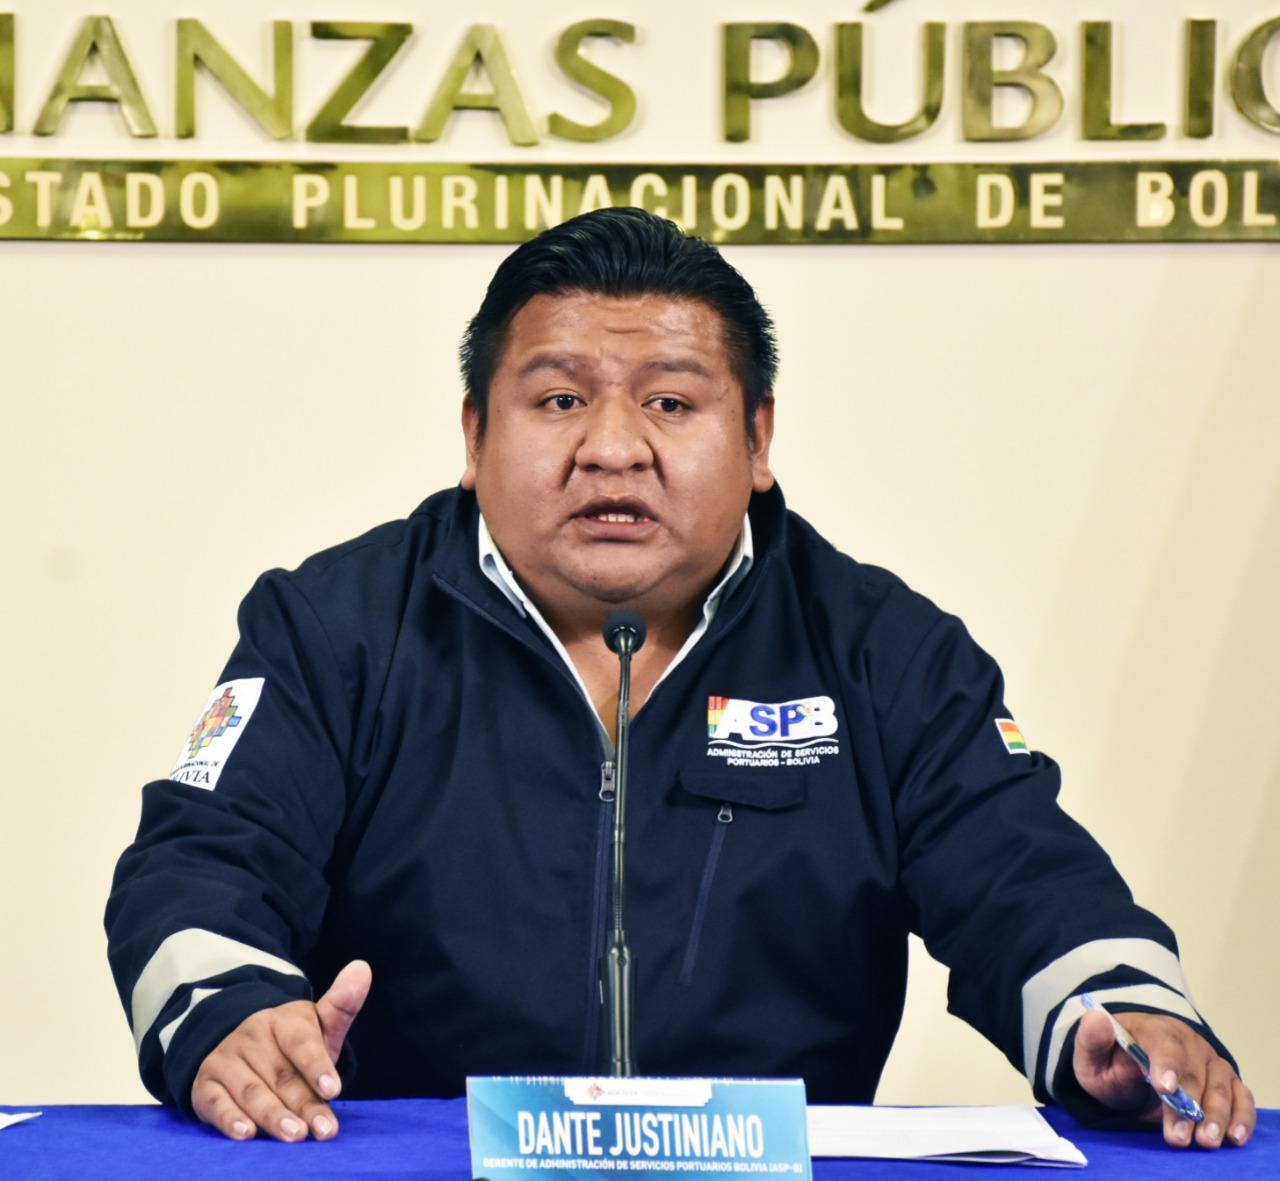 ASP-B plantea a chilena EPA extensión del plazo para definir un nuevo acuerdo sobre tarifas portuarias de Arica